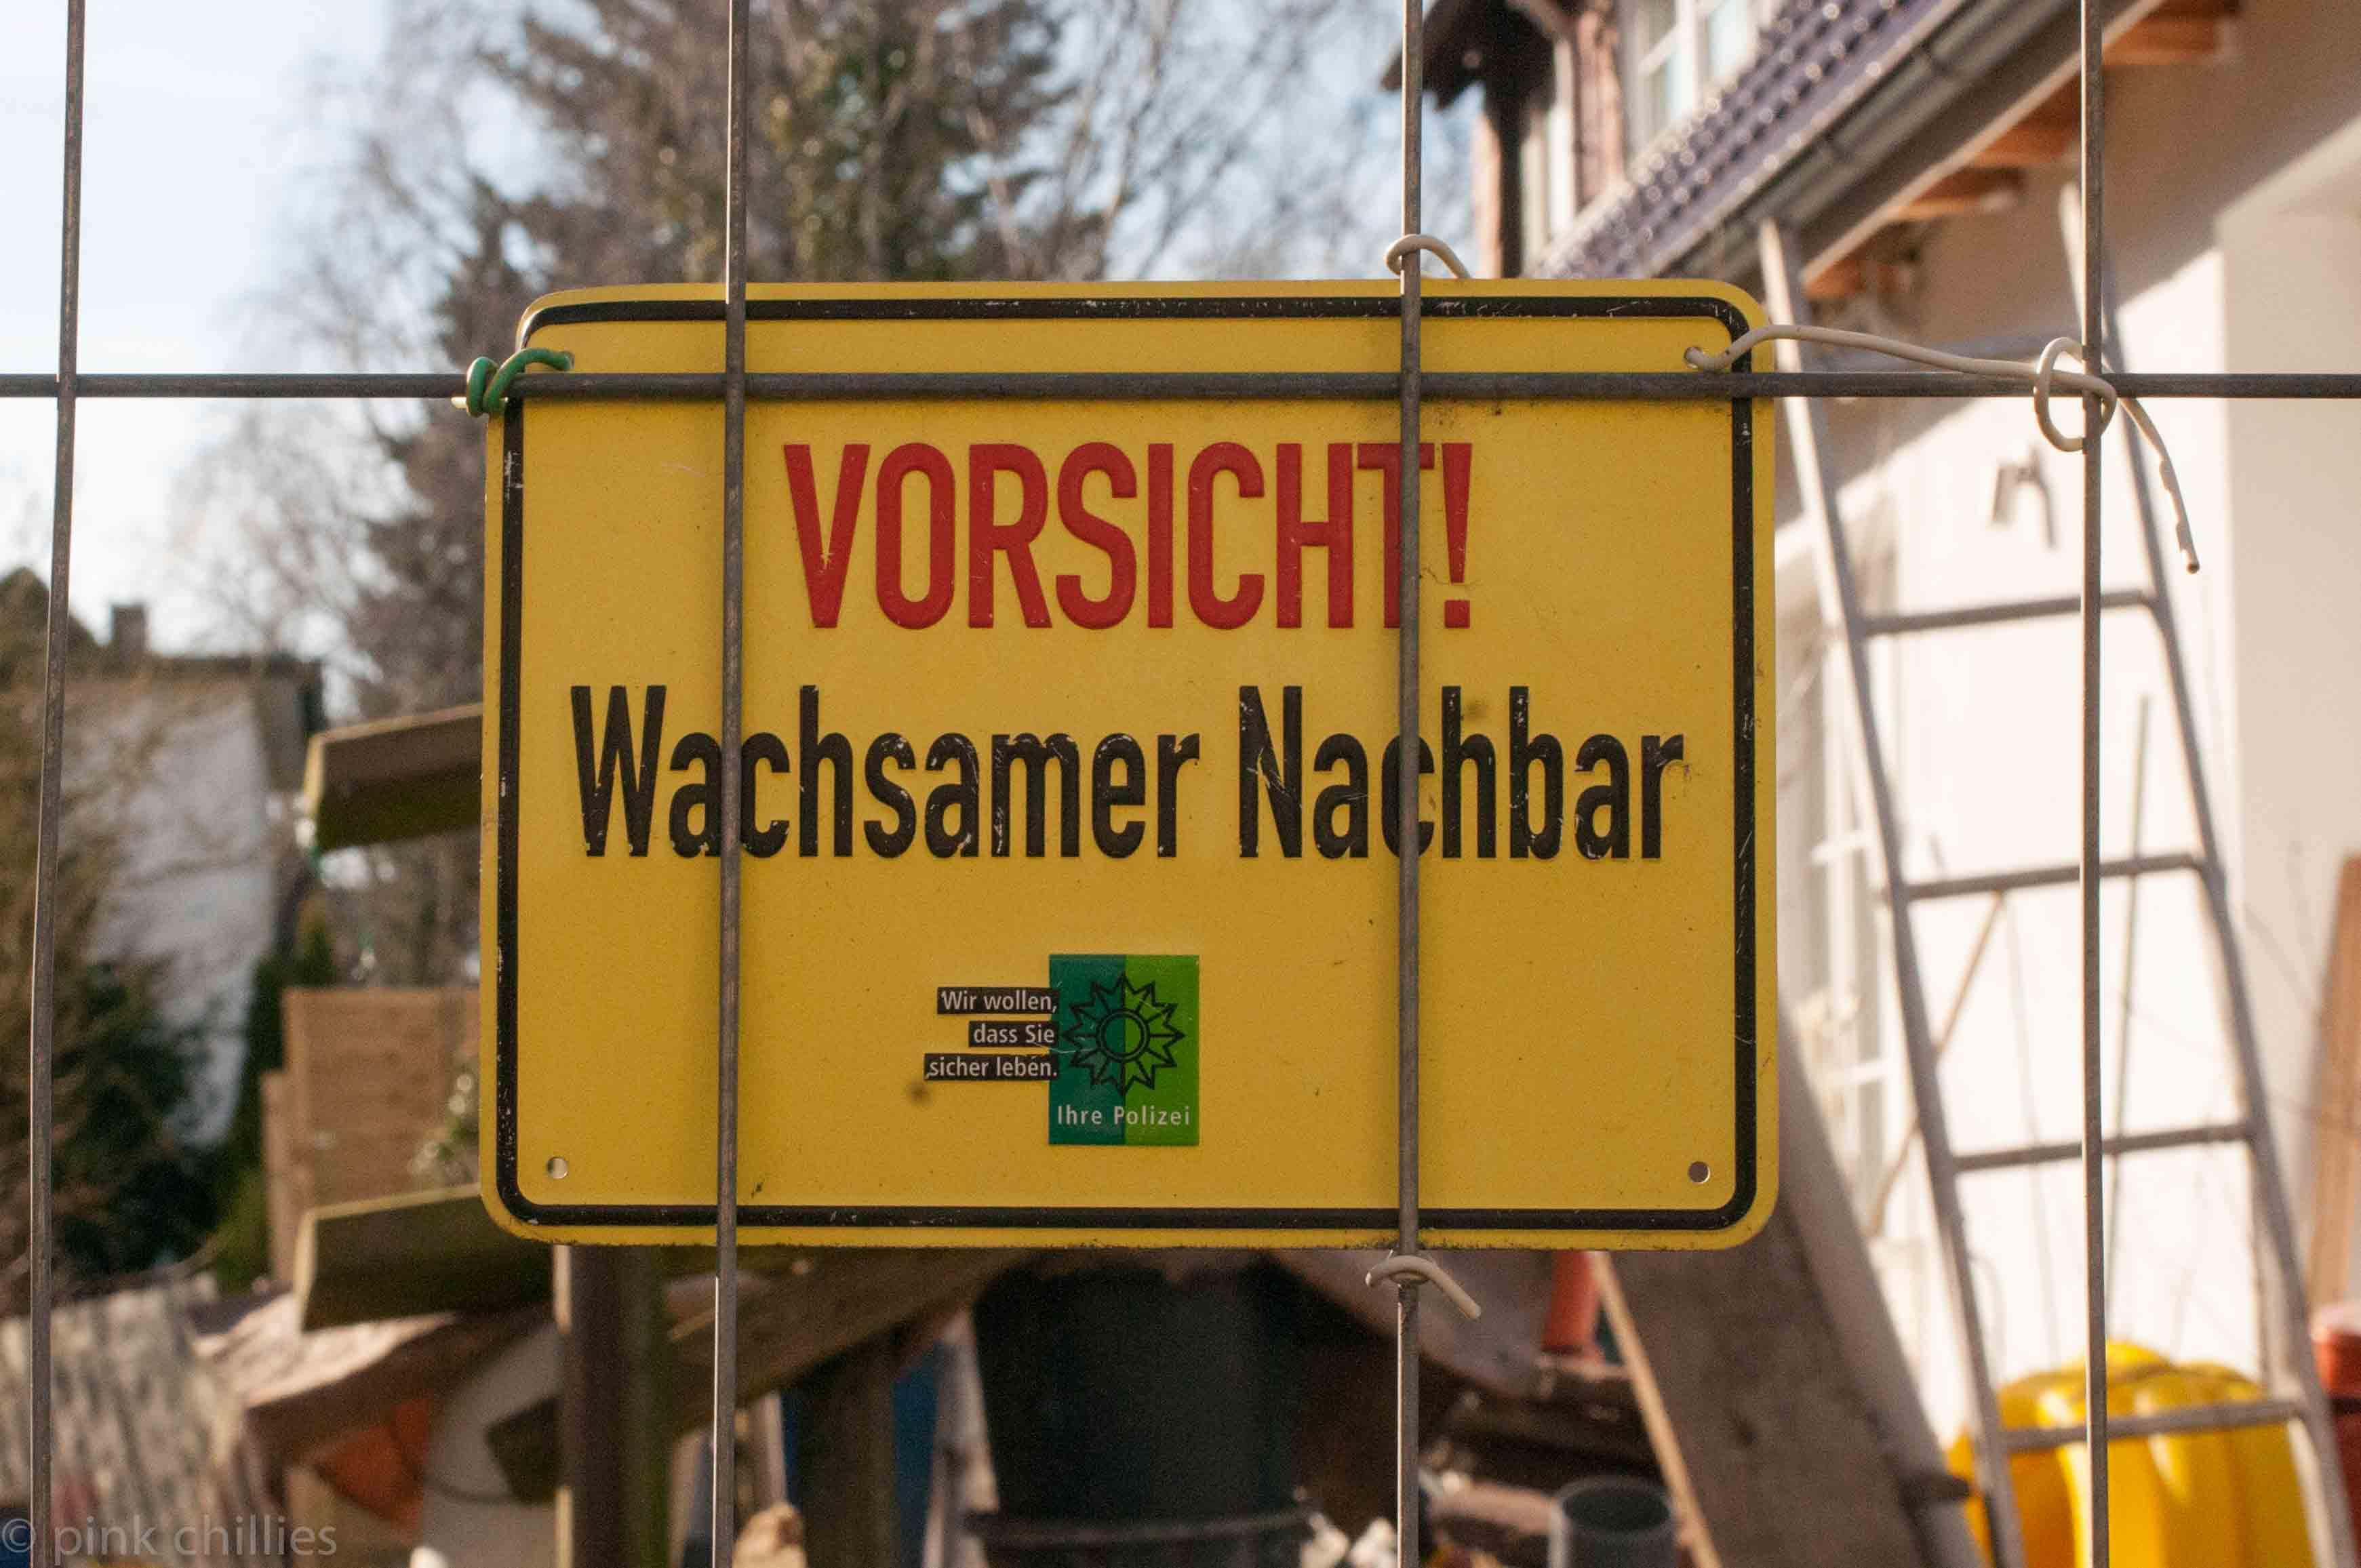 ZAJ_0867Vorsicht wachsamer Nachbar